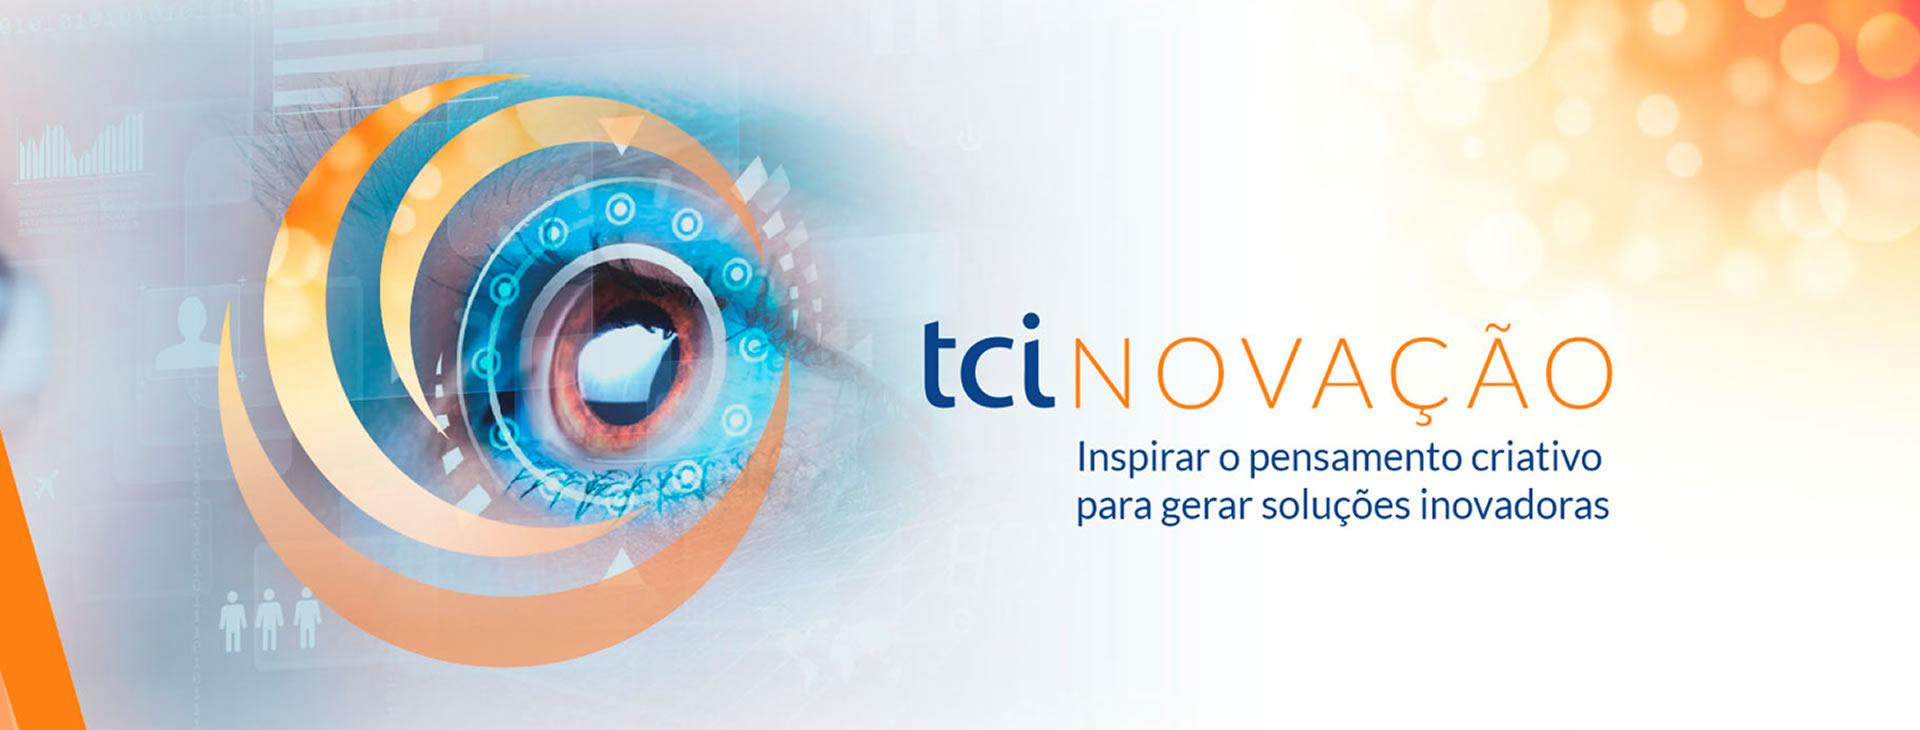 Banner inovação